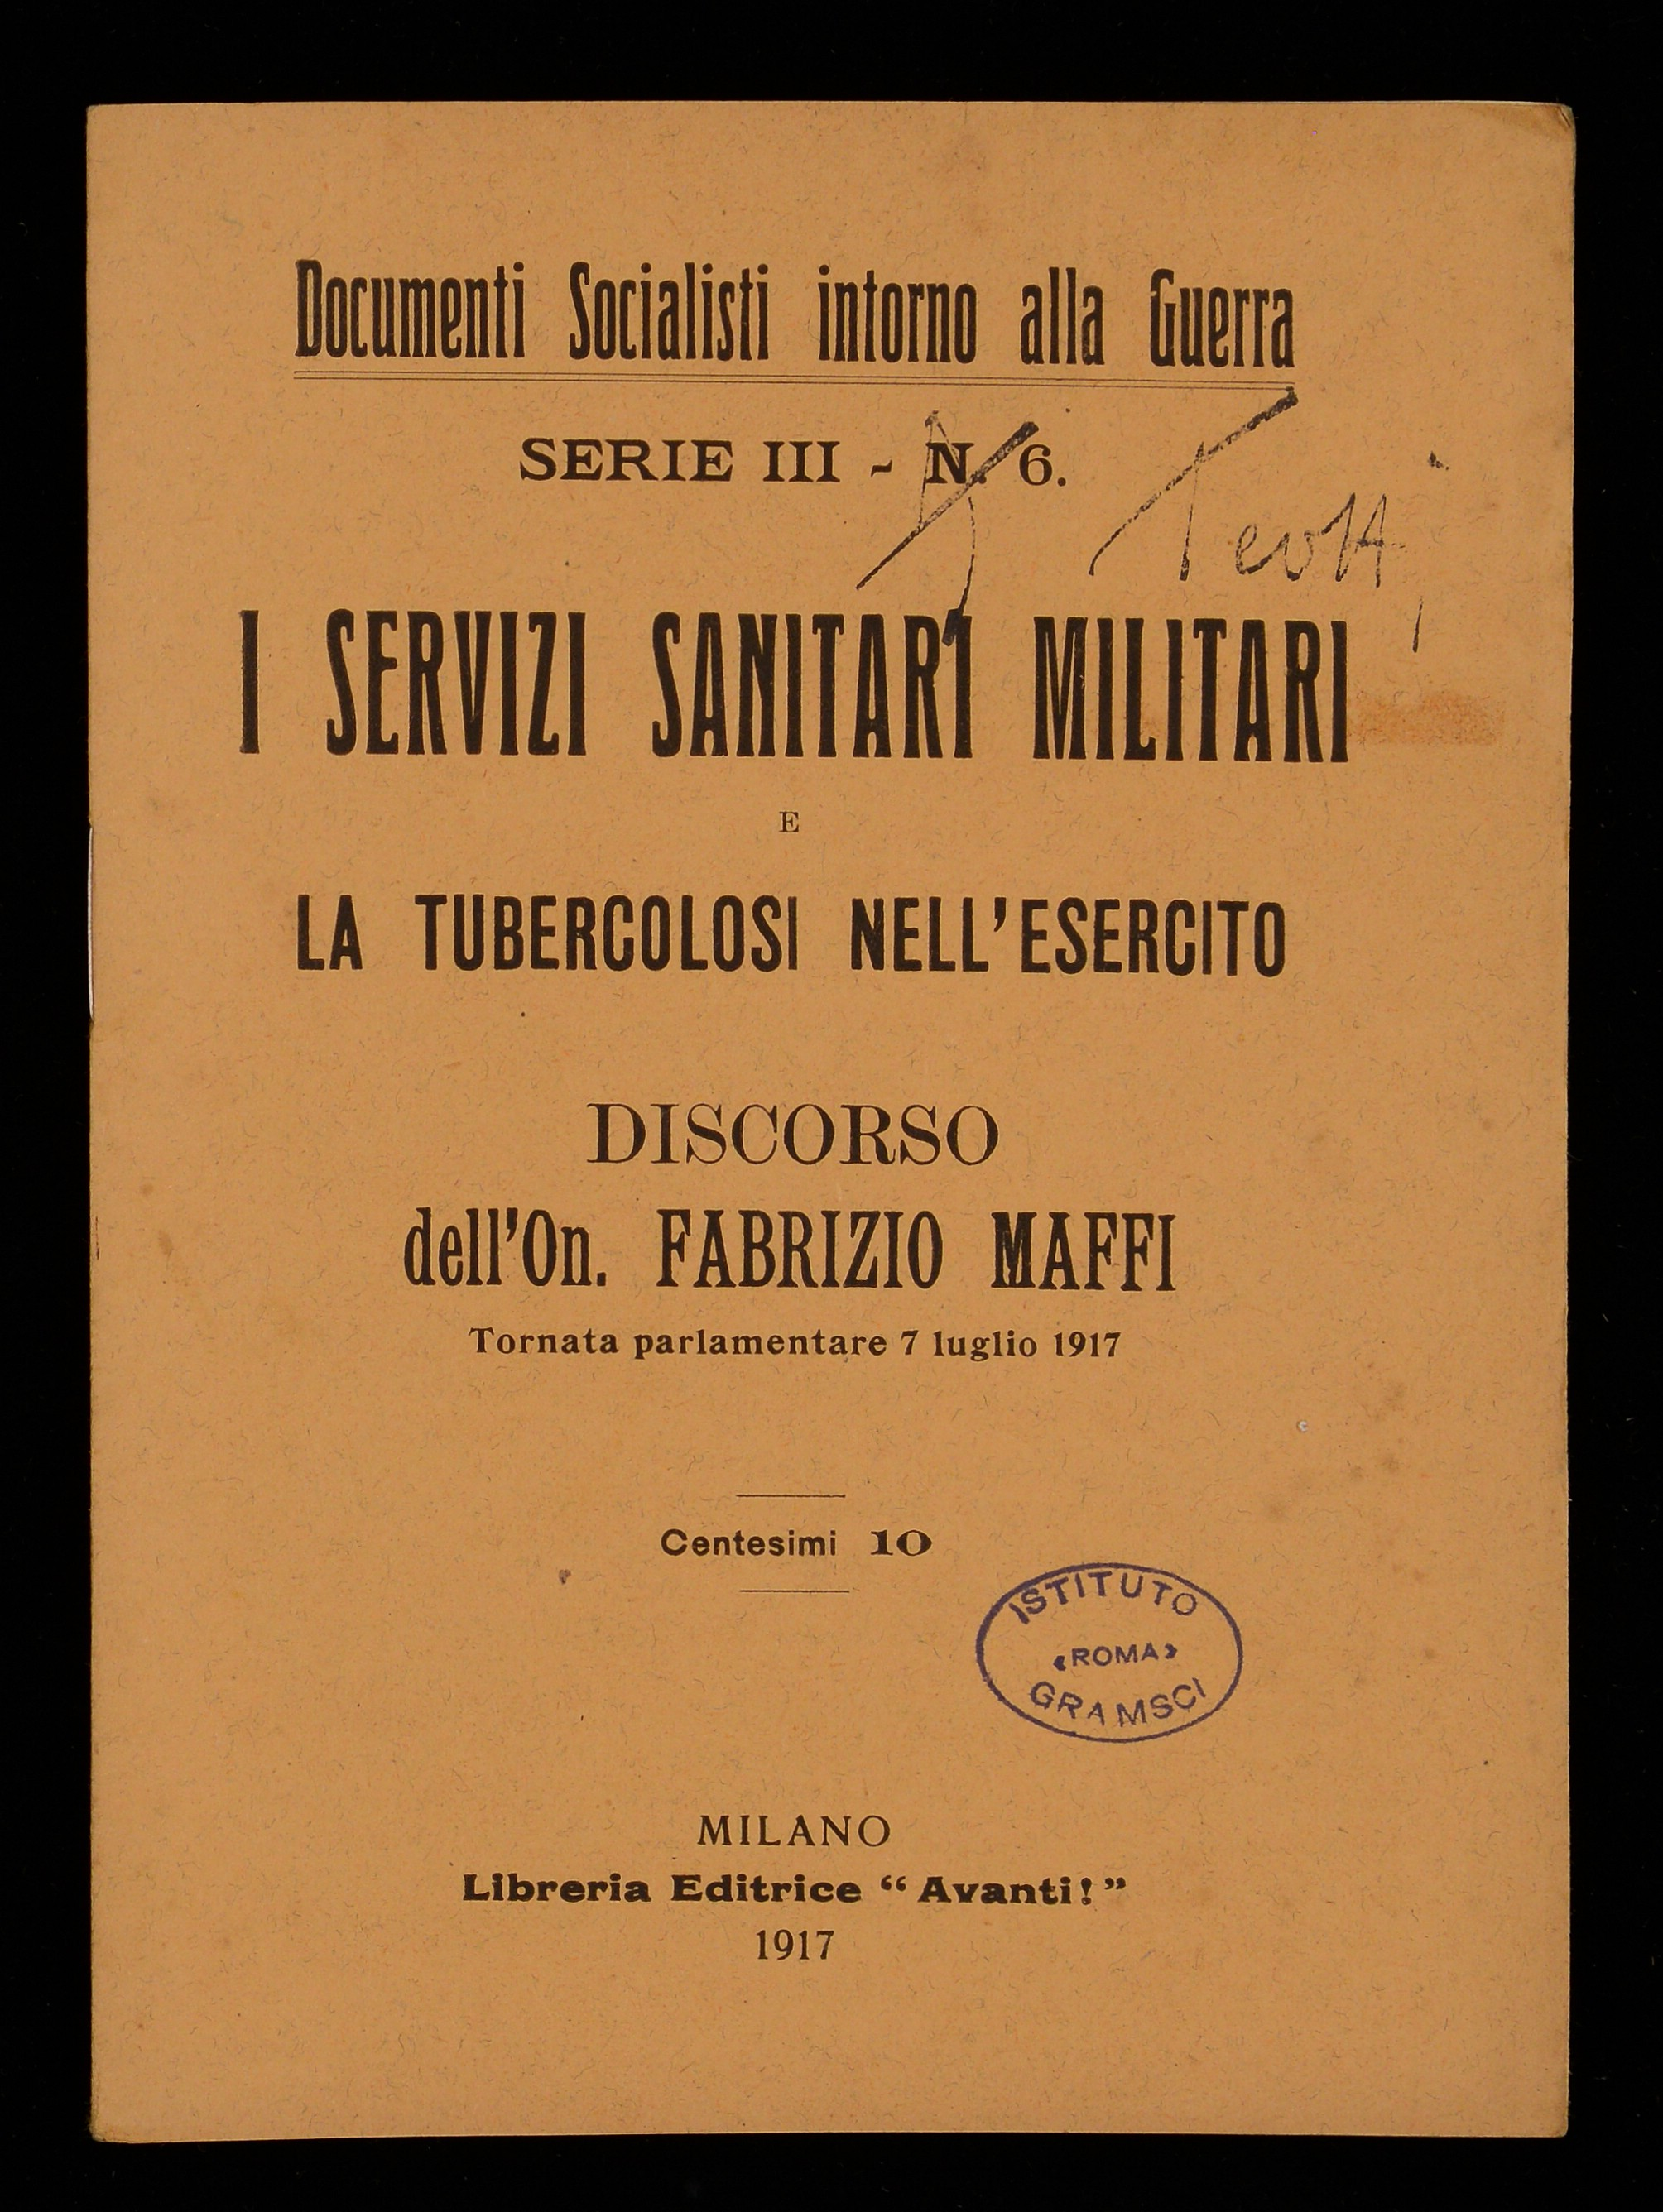 I servizi sanitari militari e la tubercolosi nell'esercito